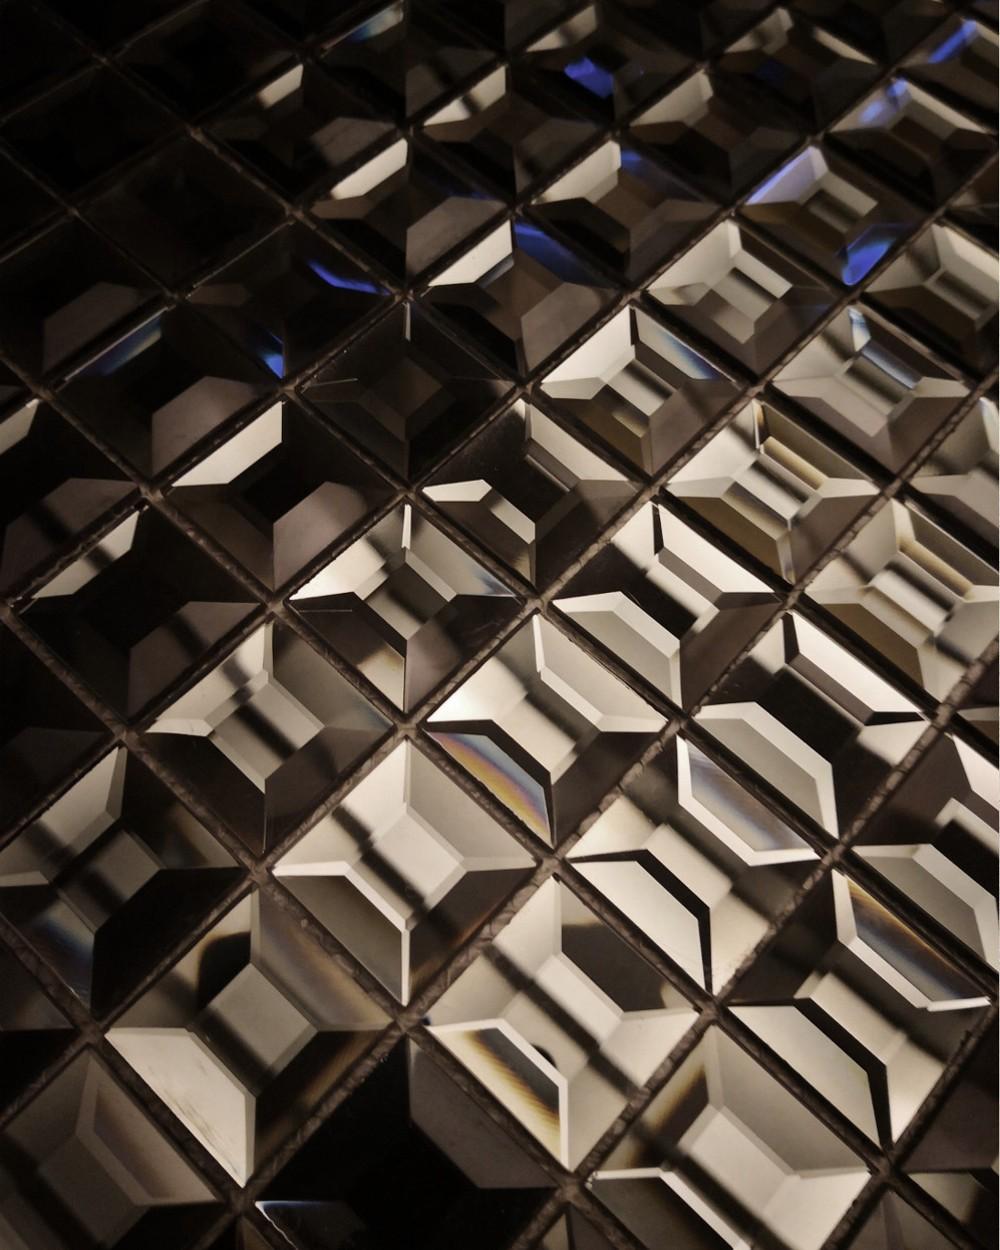 Mosaikfliesen Diamant Optik Schwarz